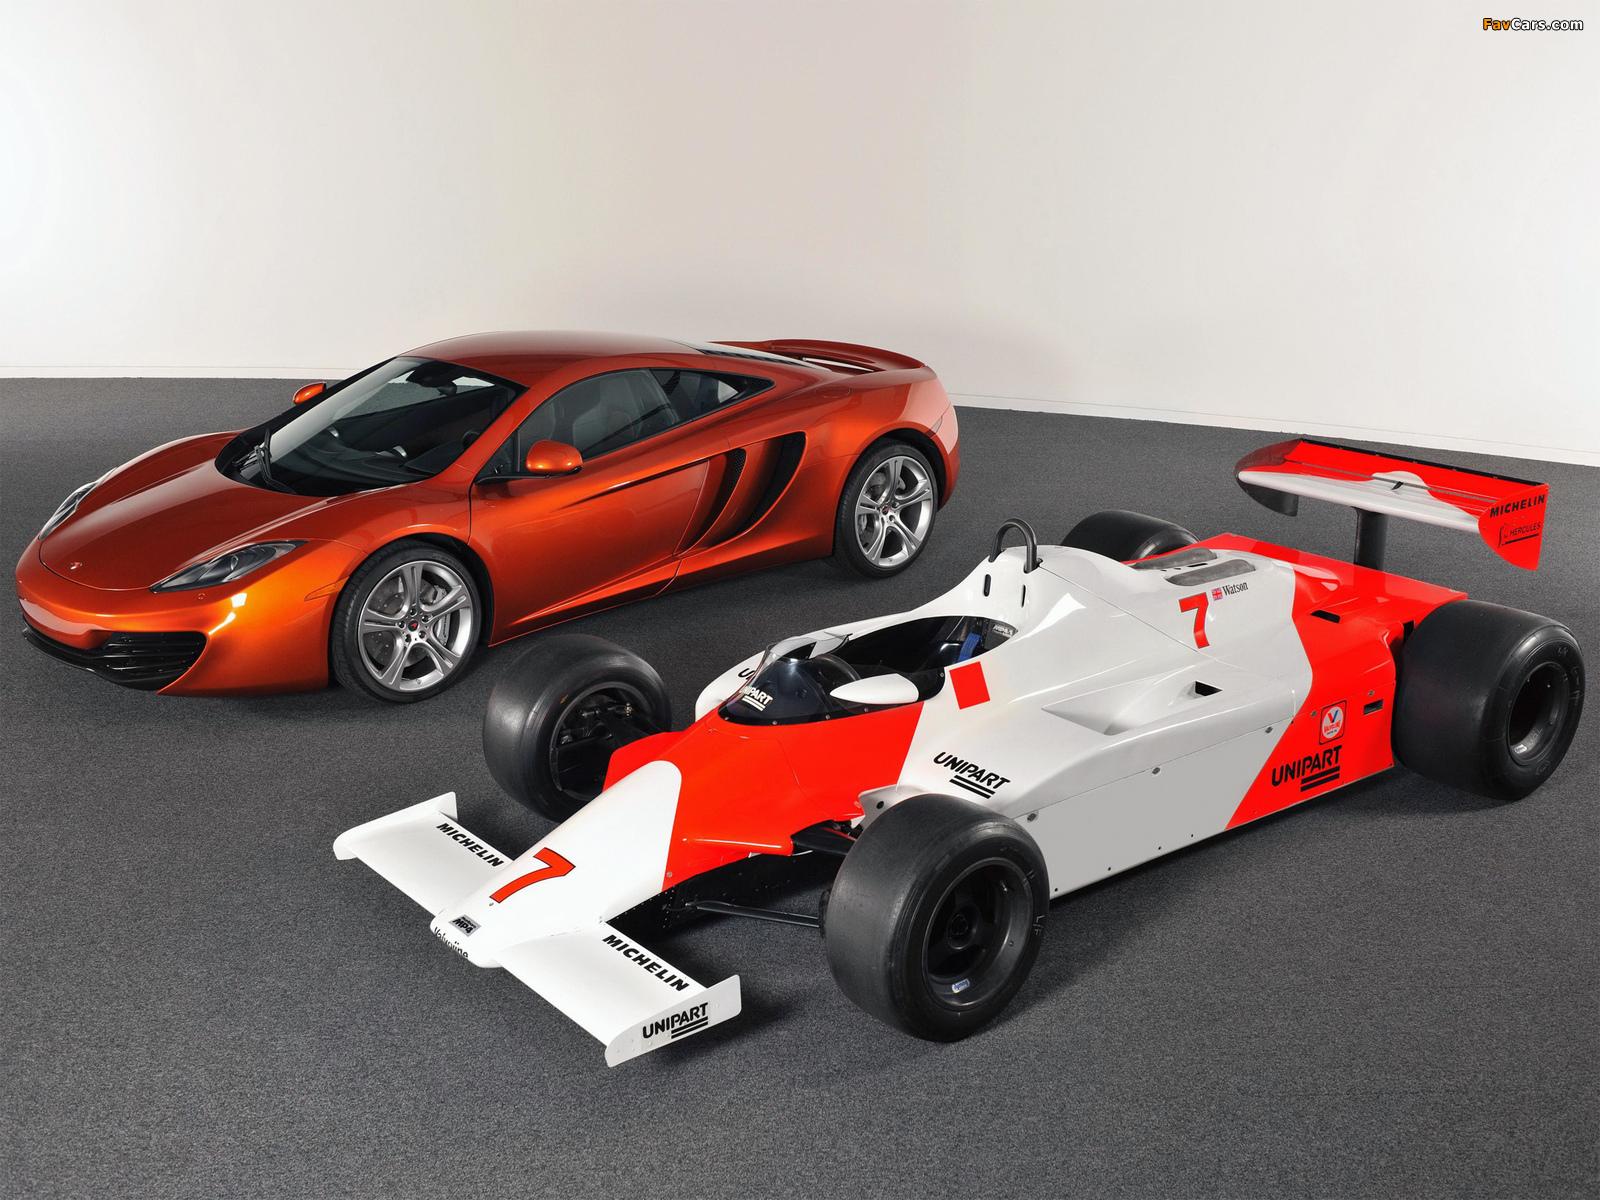 McLaren wallpapers (1600 x 1200)